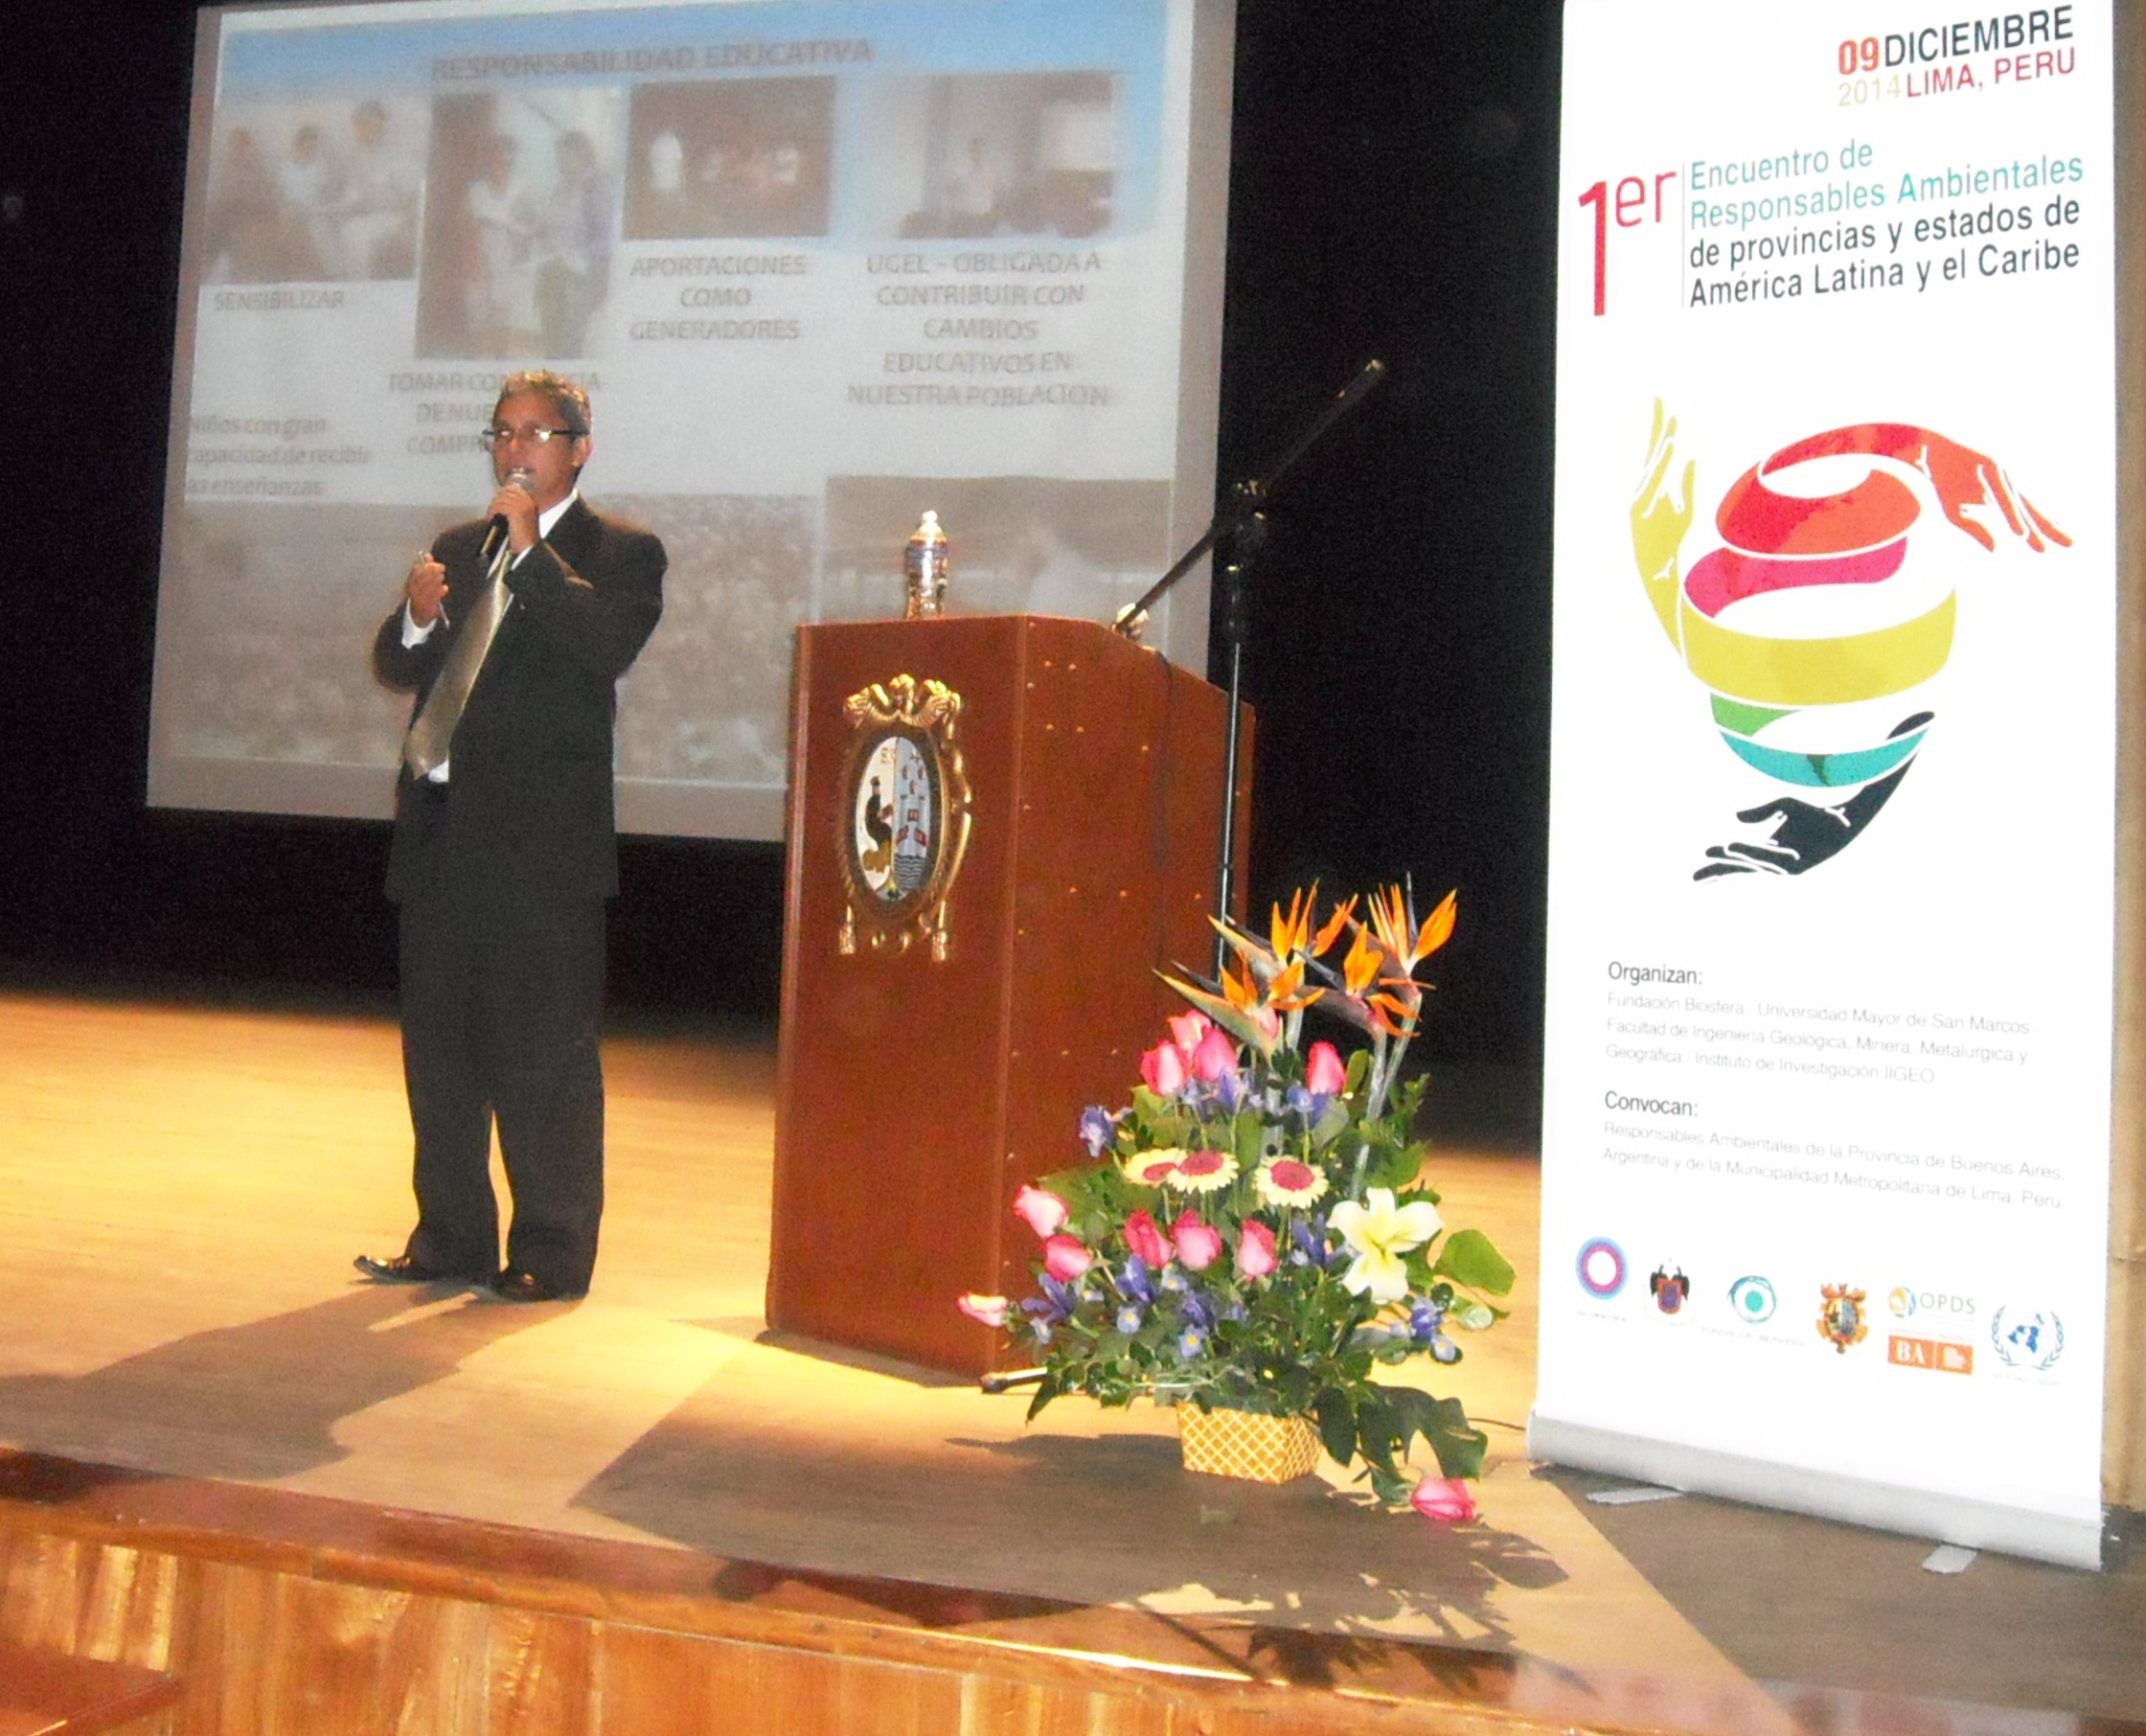 Carlos Quevedo- San Martin, Peru